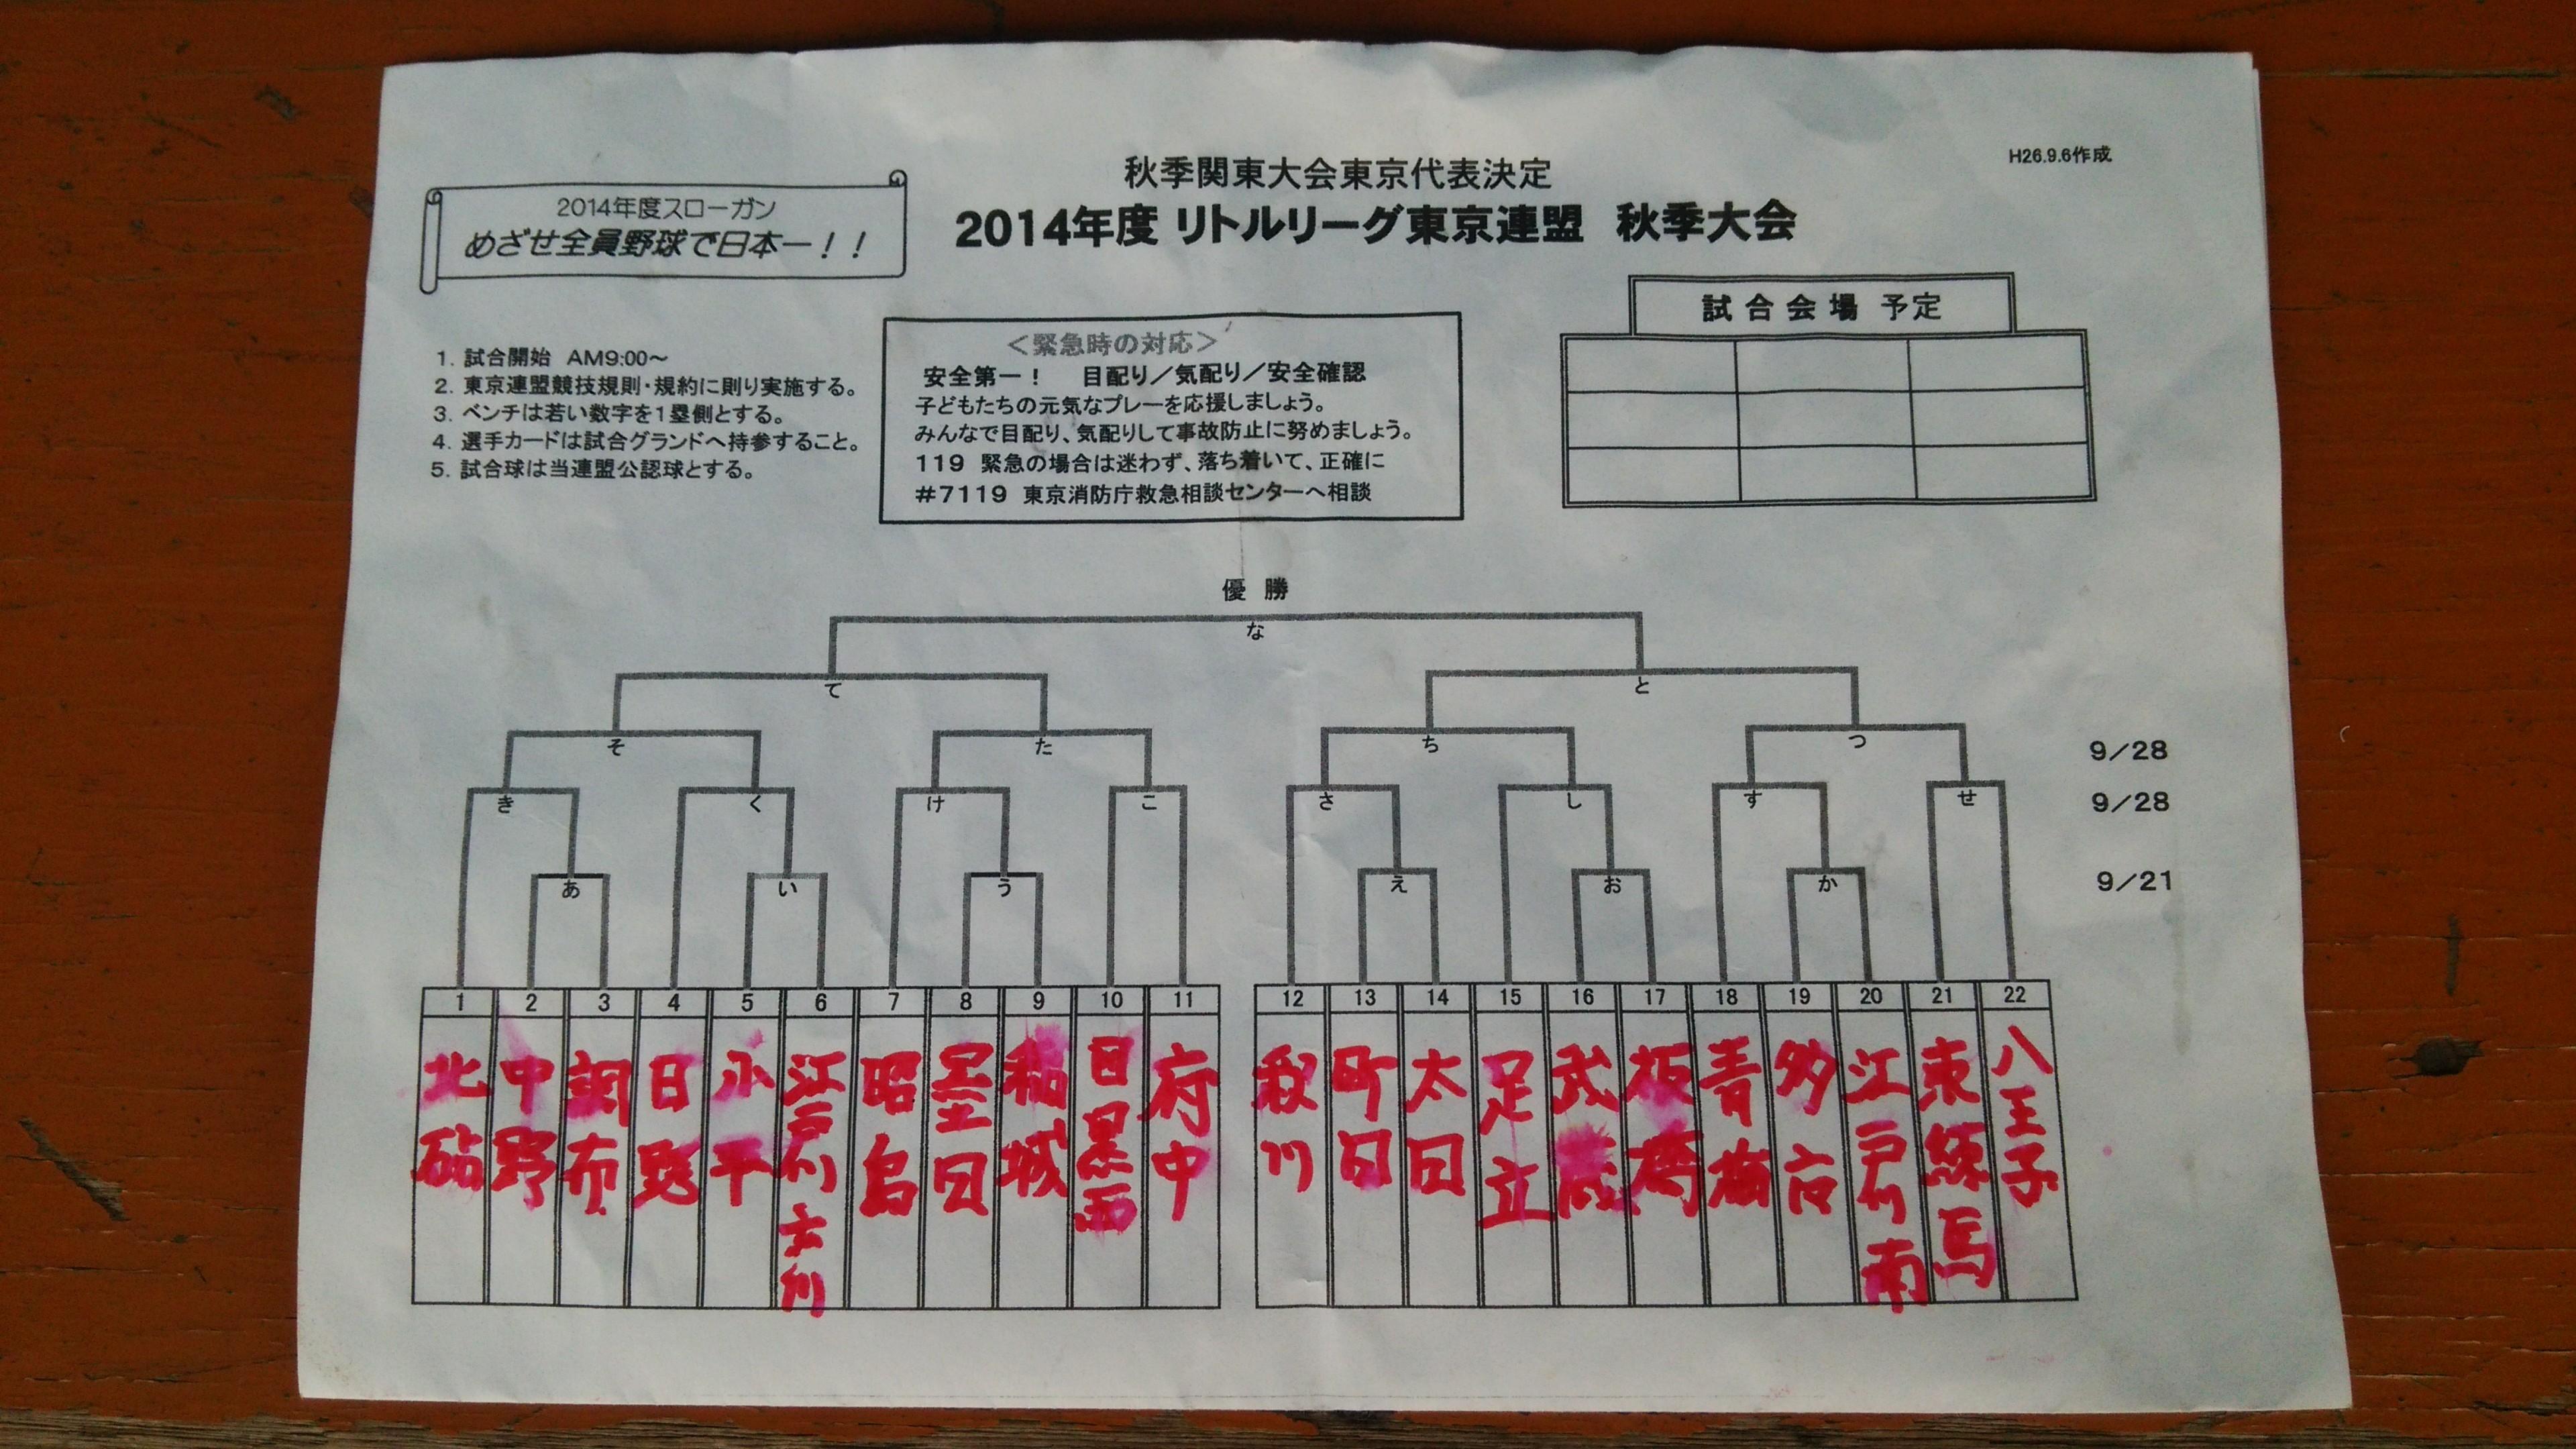 2014年度 リトルリーグ東京連盟 ...